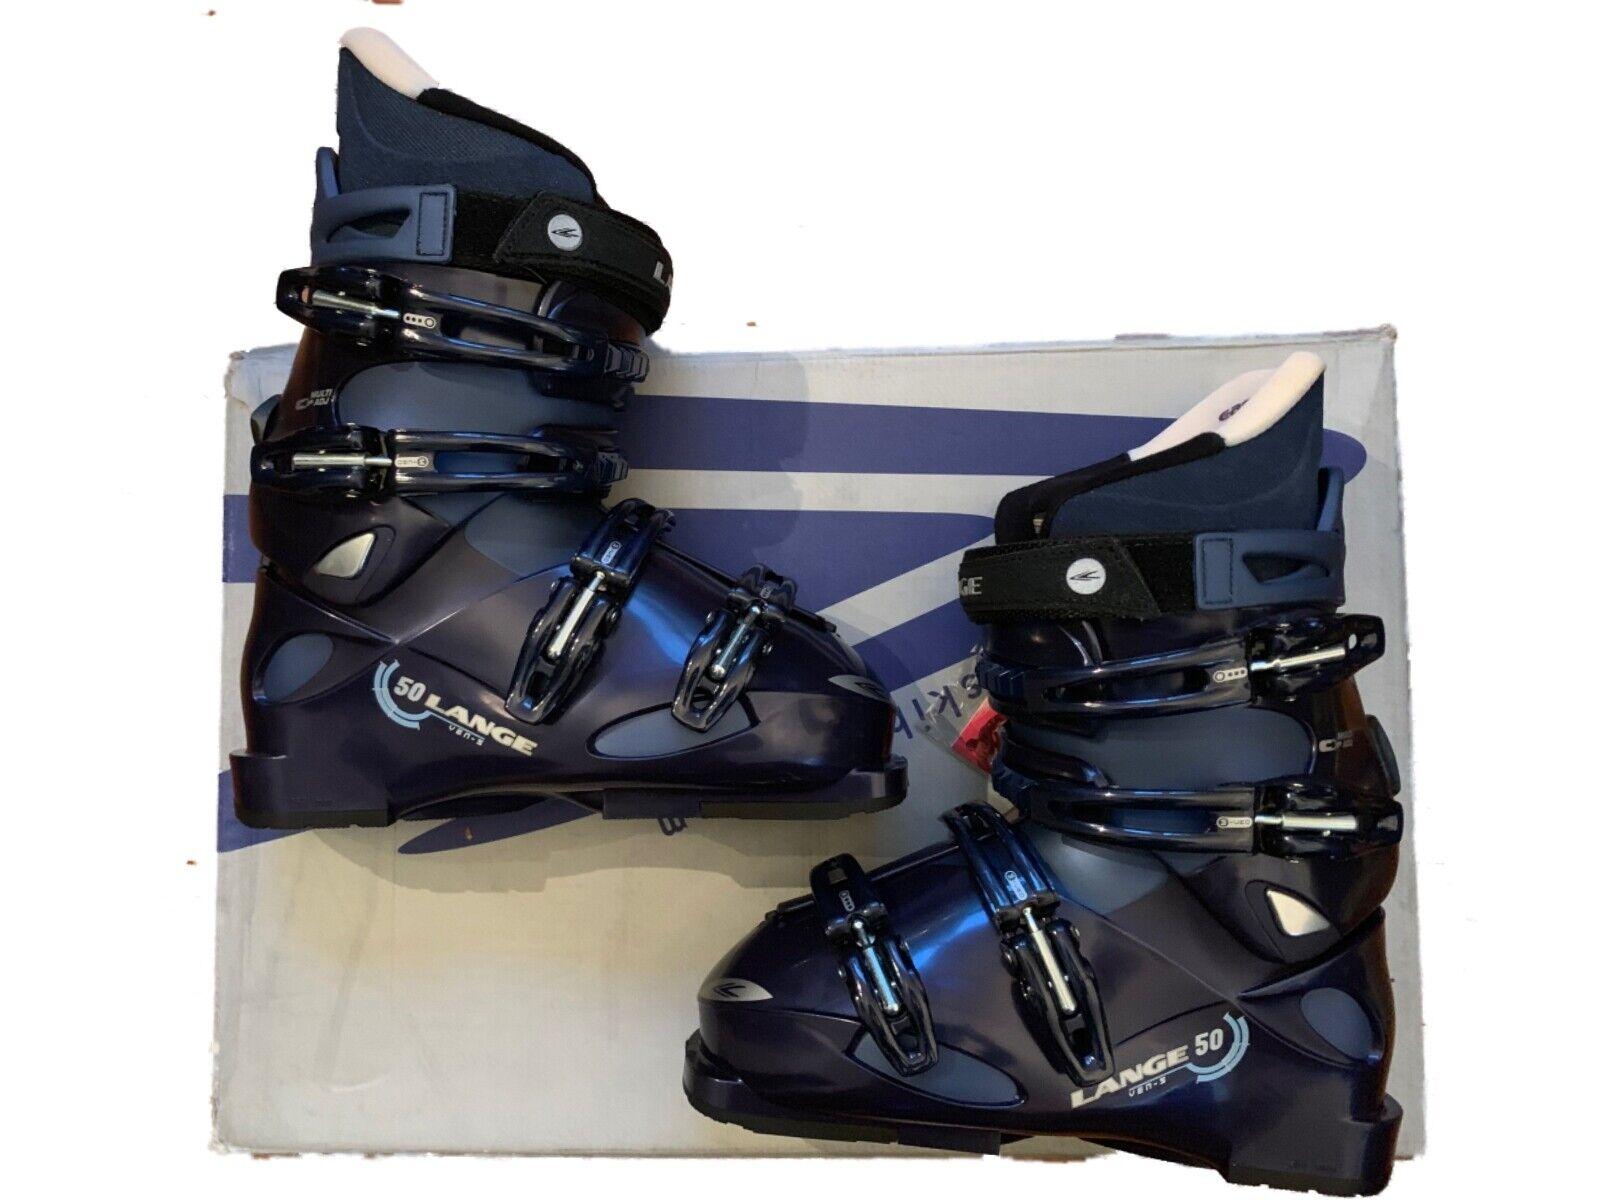 Lange VEN S 50   women's Ski boots bluee size mondo 24 ,  US 7 women NEW  incentive promotionals